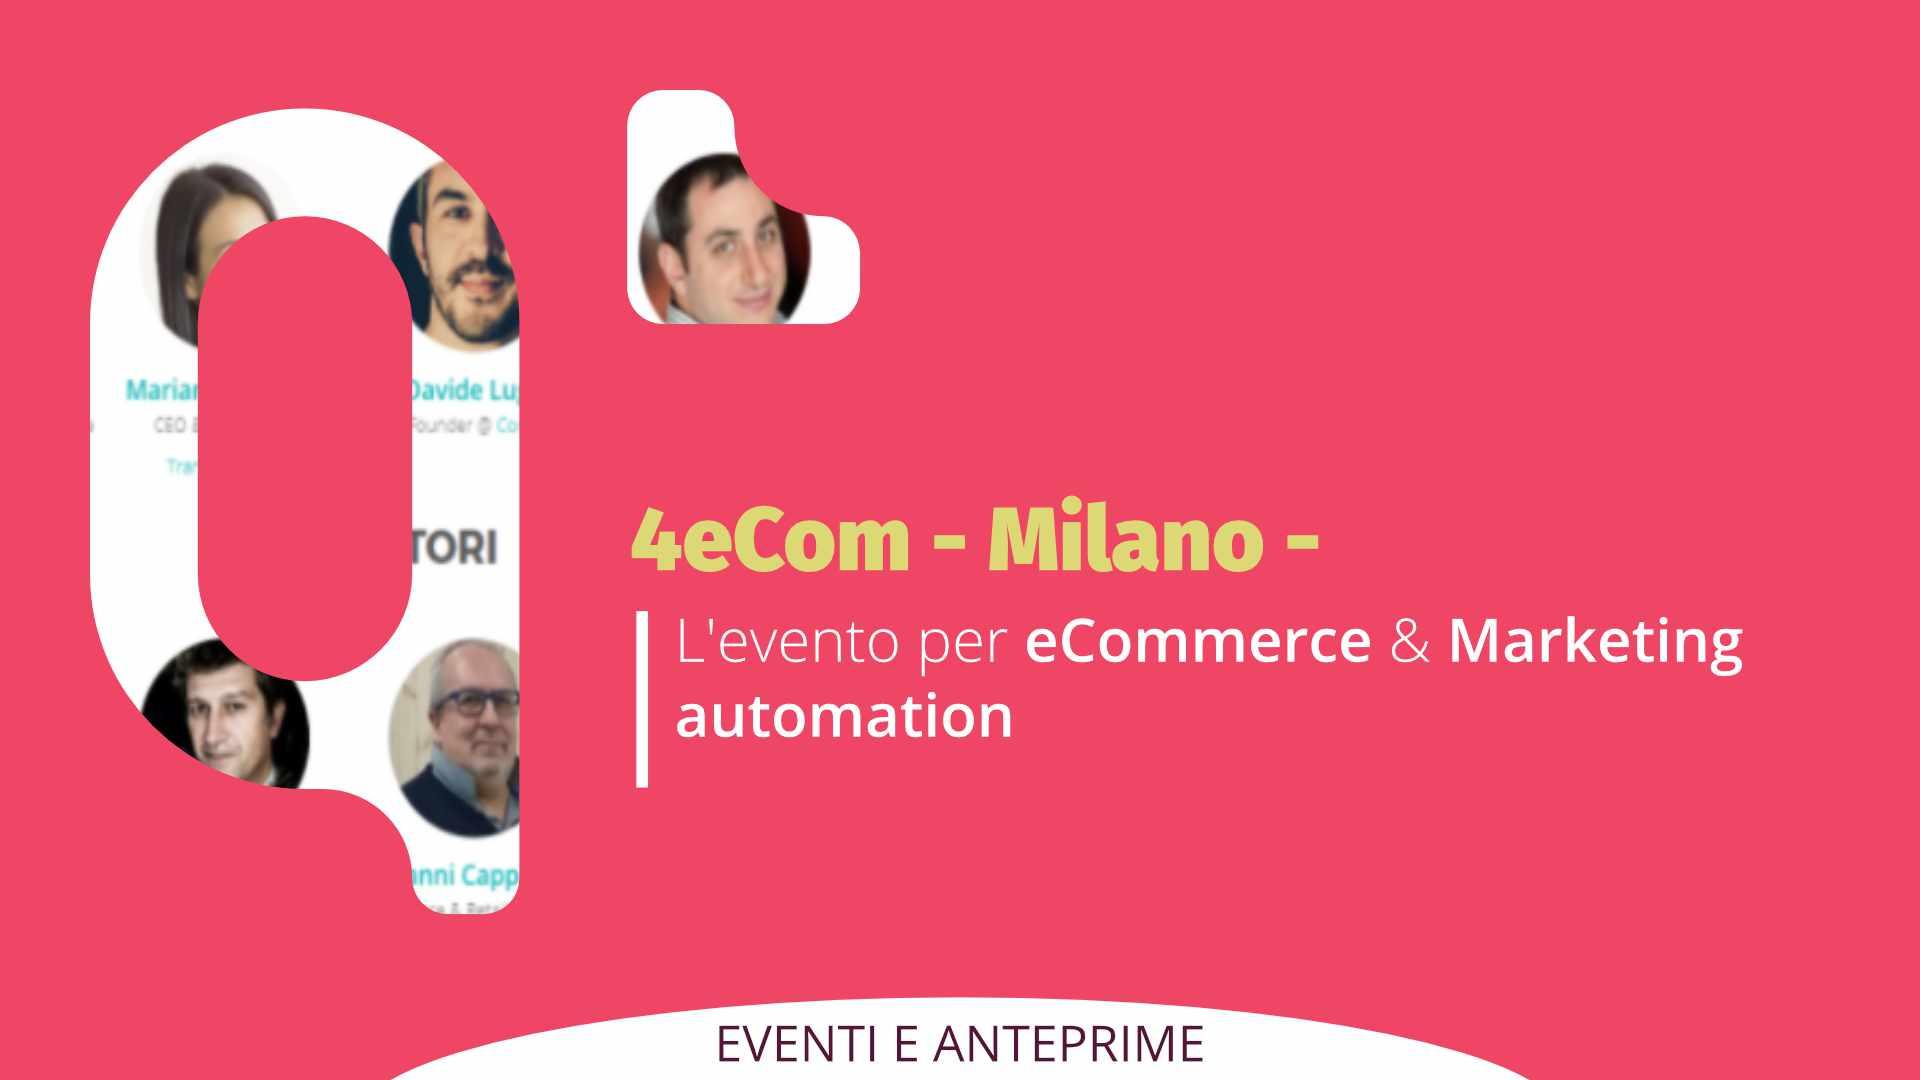 L'evento per eCommerce & Marketing automation: 4eCOM a Milano il 2 Ottobre